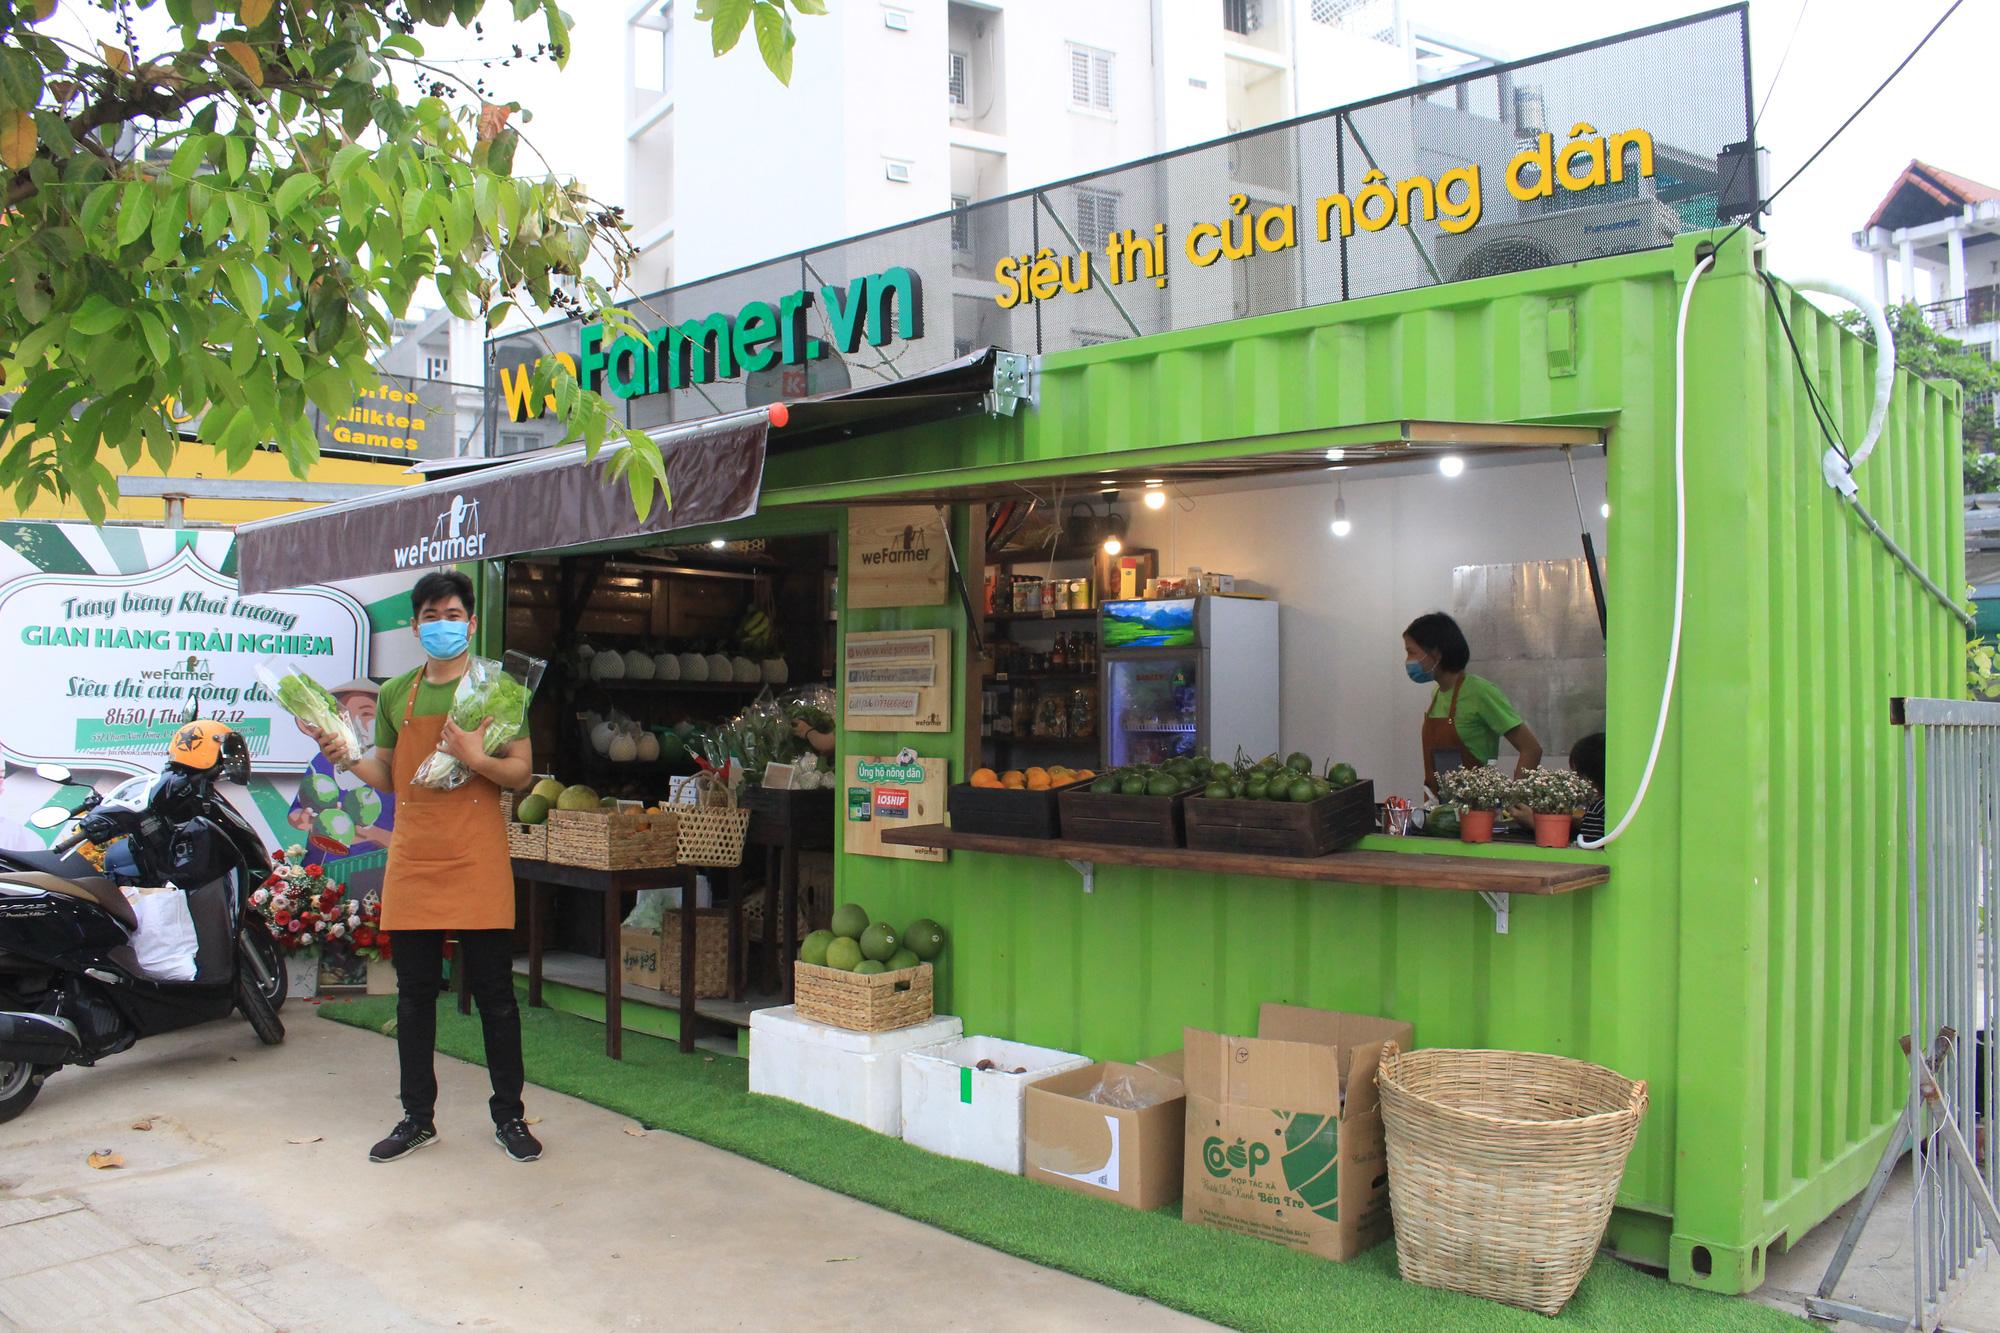 Siêu thị của nông dân đầu tiên ở Sài Gòn có gì, mà vừa mở bán, thanh long, cam canh đã bị mua sạch? - Ảnh 13.